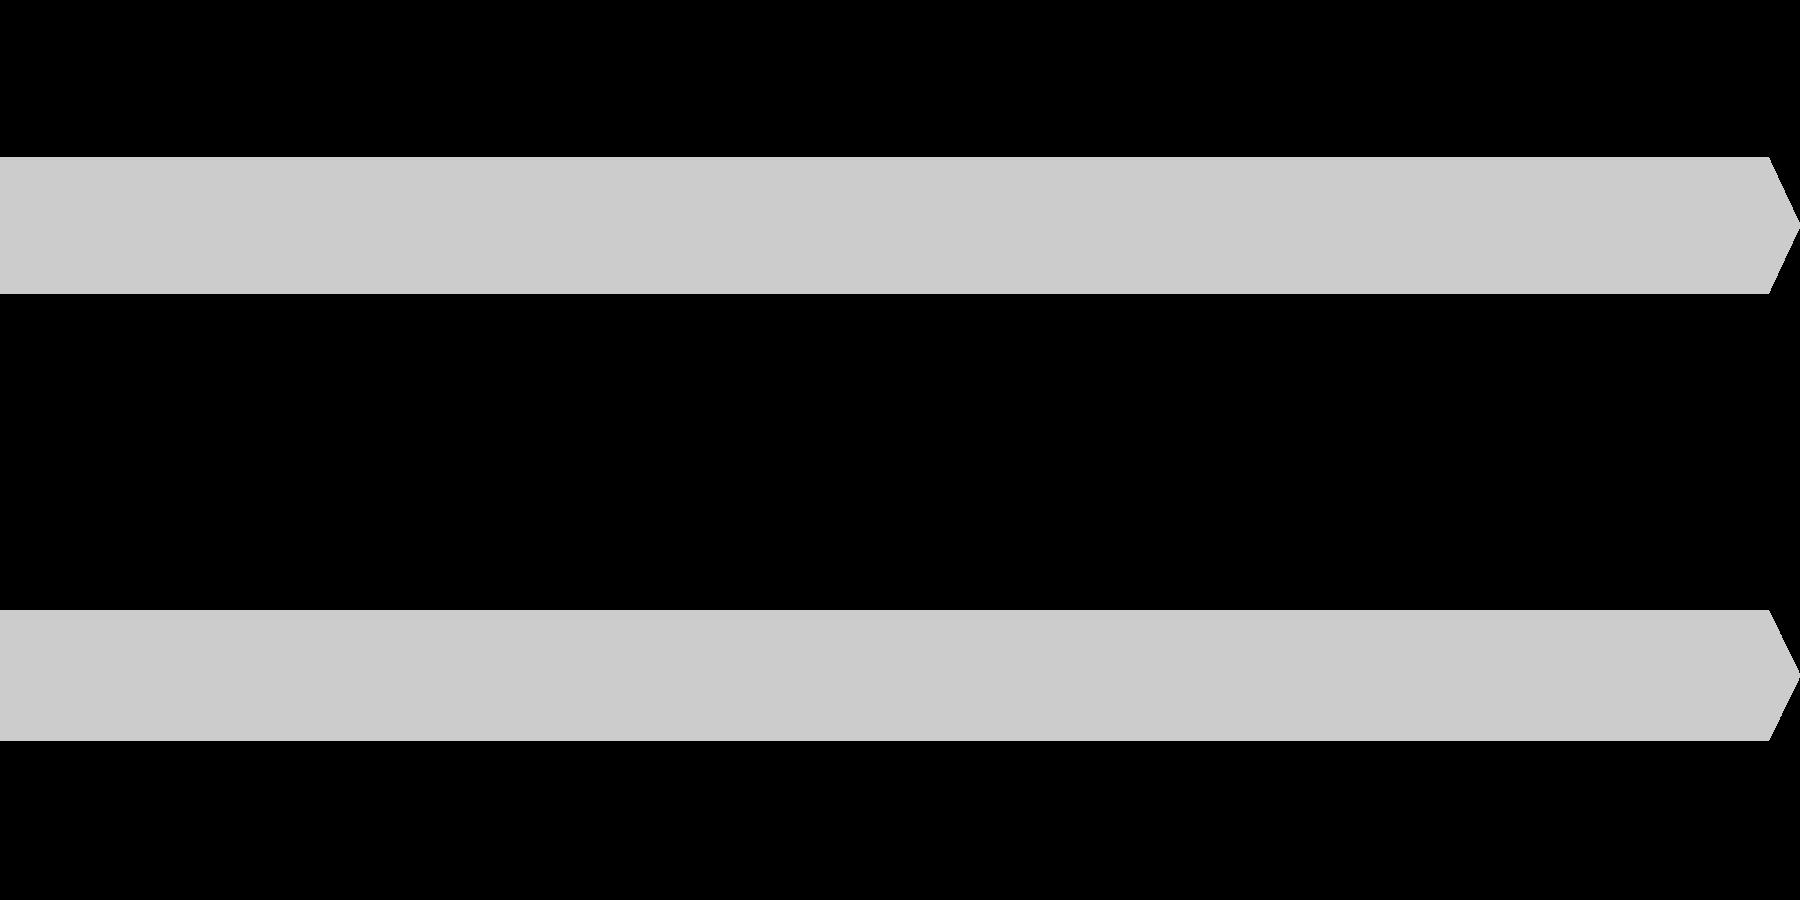 ソルフェジオ周波数174Hzの未再生の波形